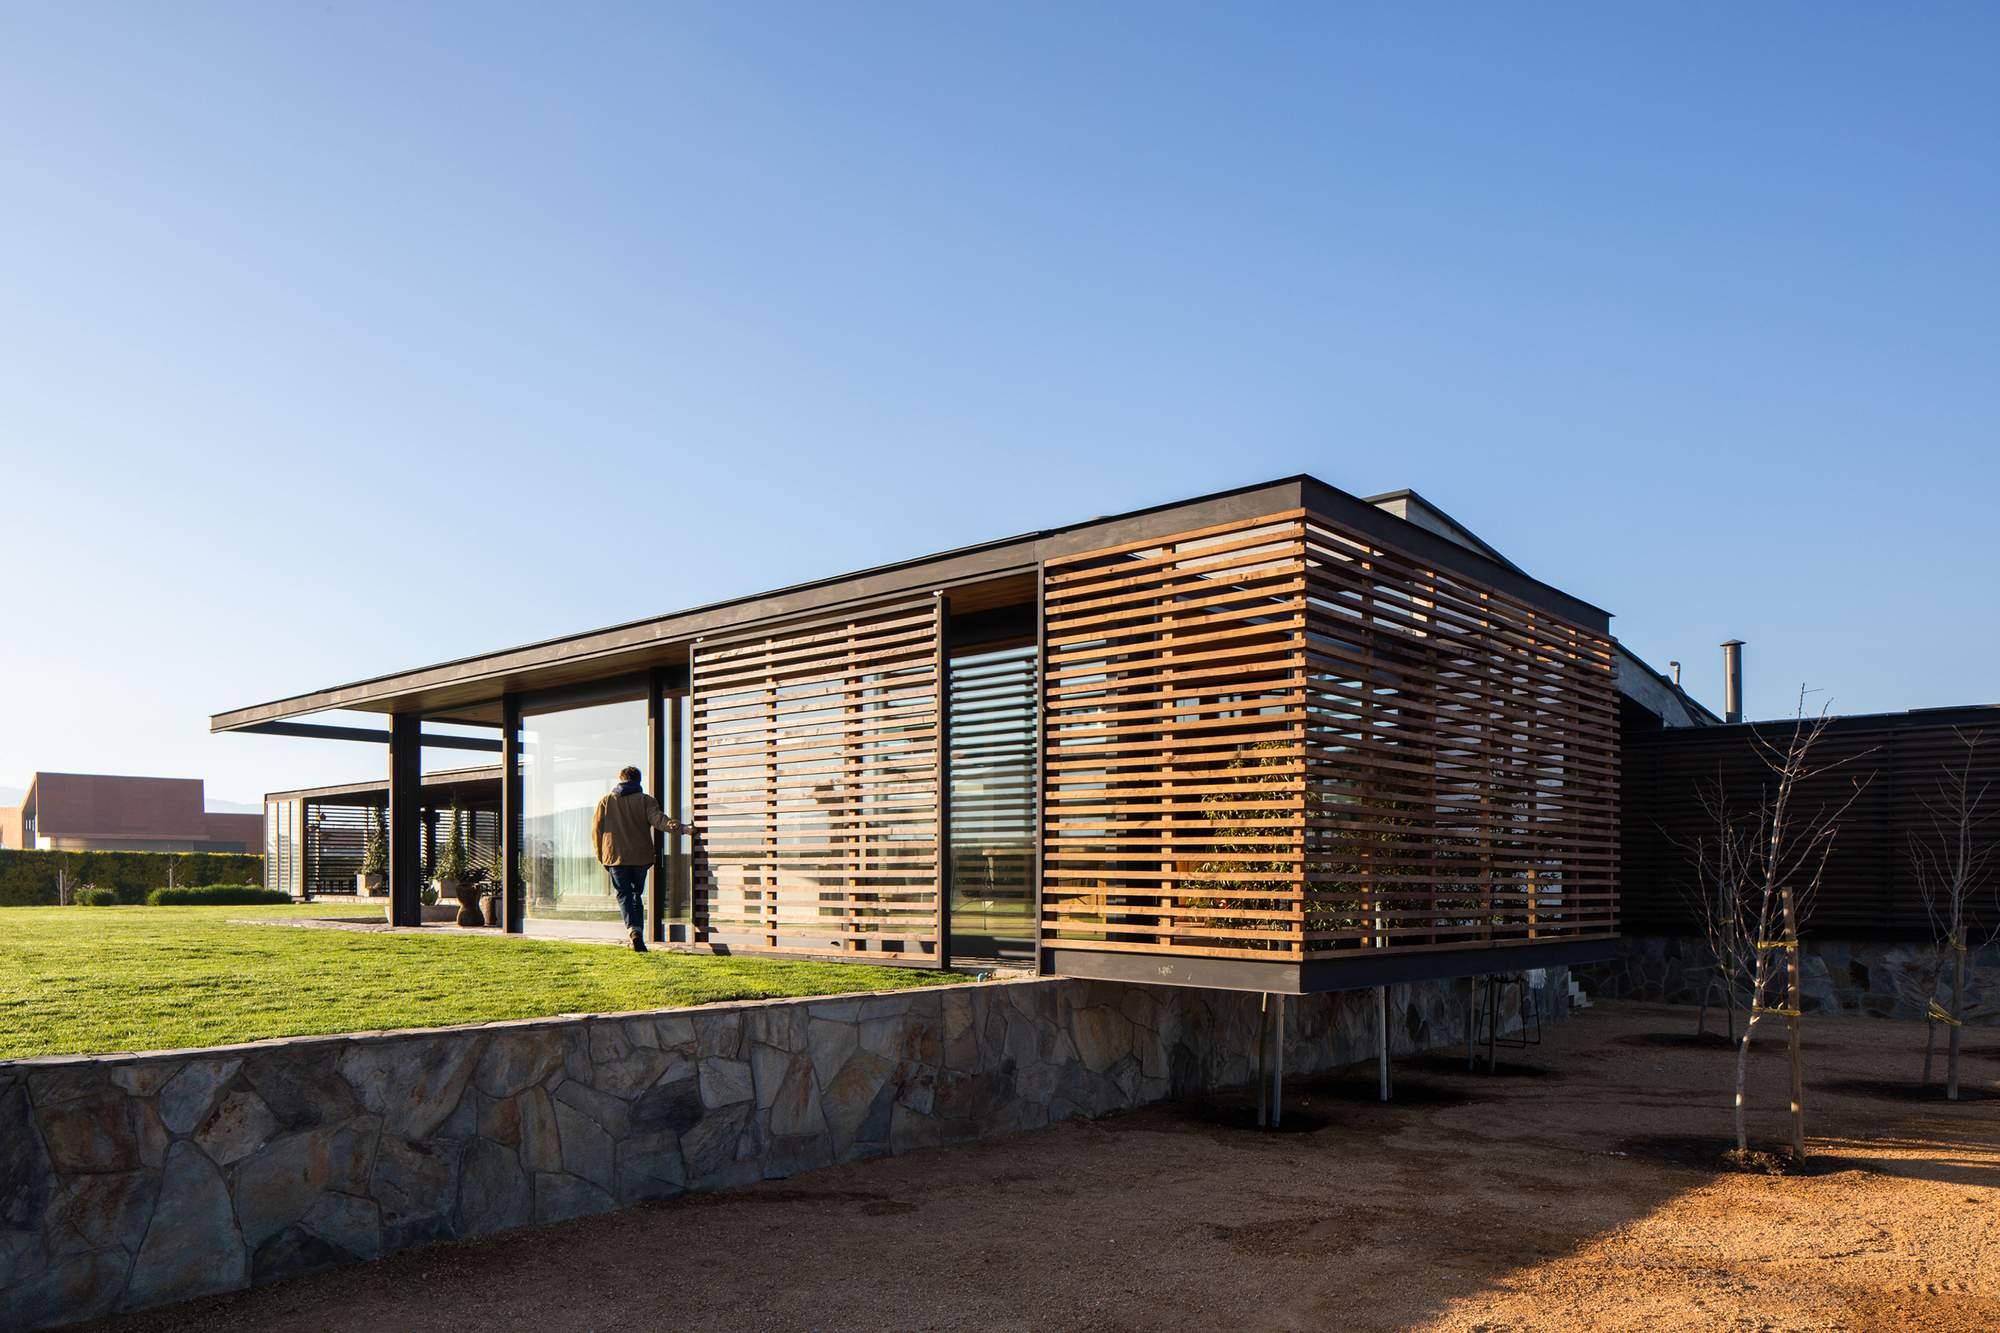 Уютная пристройка, тесно связанная с окружающим ландшафтом, Чили